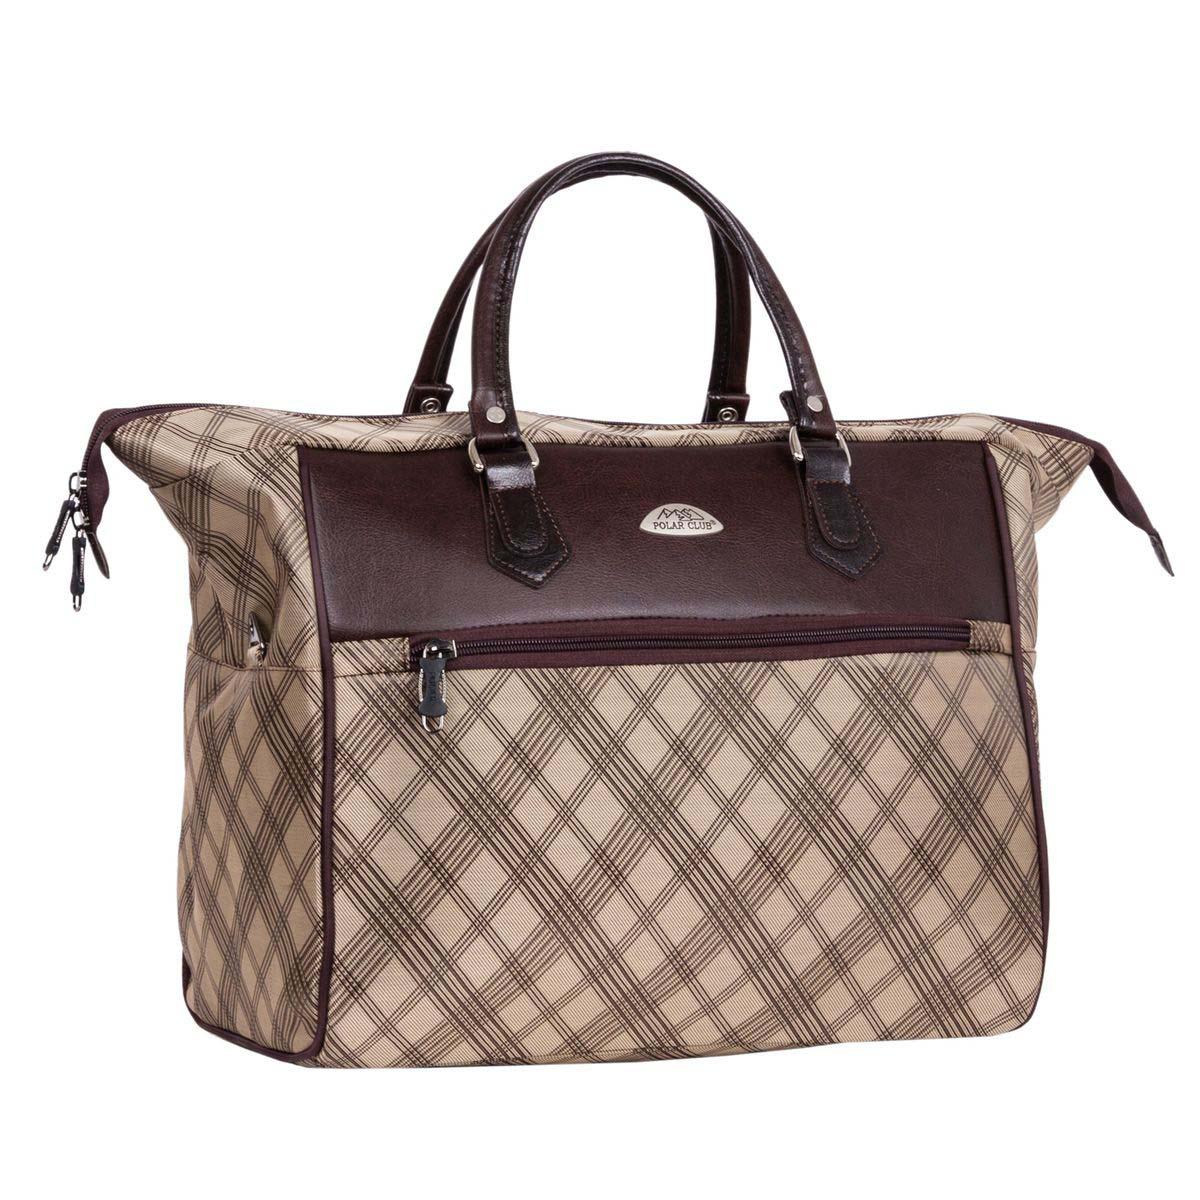 Сумка дорожная Polar, 26,5 л, цвет: коричневый. 70637063Дорожная сумка-саквояж фирмы Polar. Красивая, удобная и вместительная. Очень удобный вход в основное отделение. Стенки и дно — жесткие. Ручки отделаны искусственной кожей. В комплекте есть съемный, регулируемый плечевой ремень. Высота ручек 13 см.